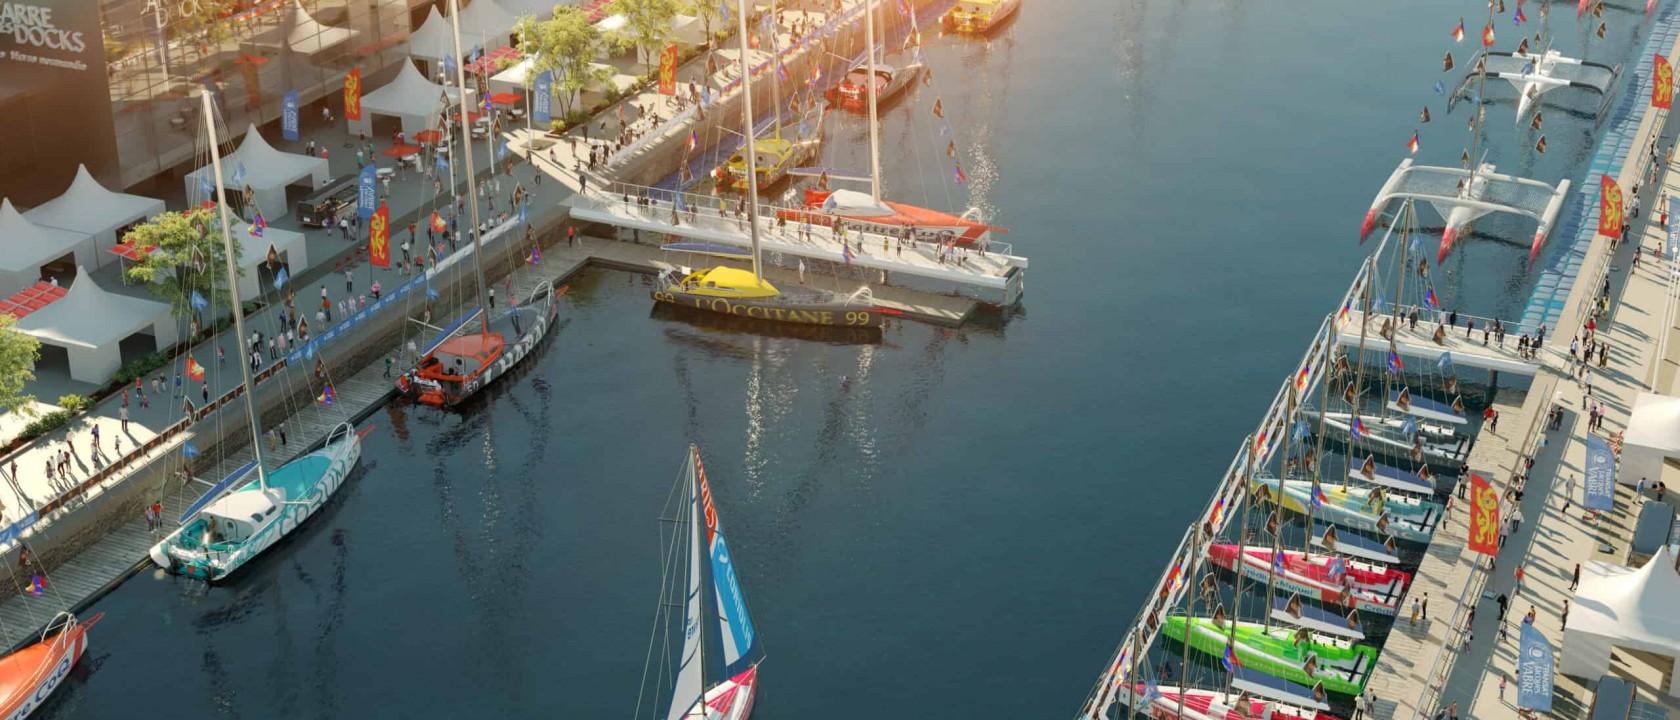 Passerelle mobile du bassin Paul Vatine – Le Havre